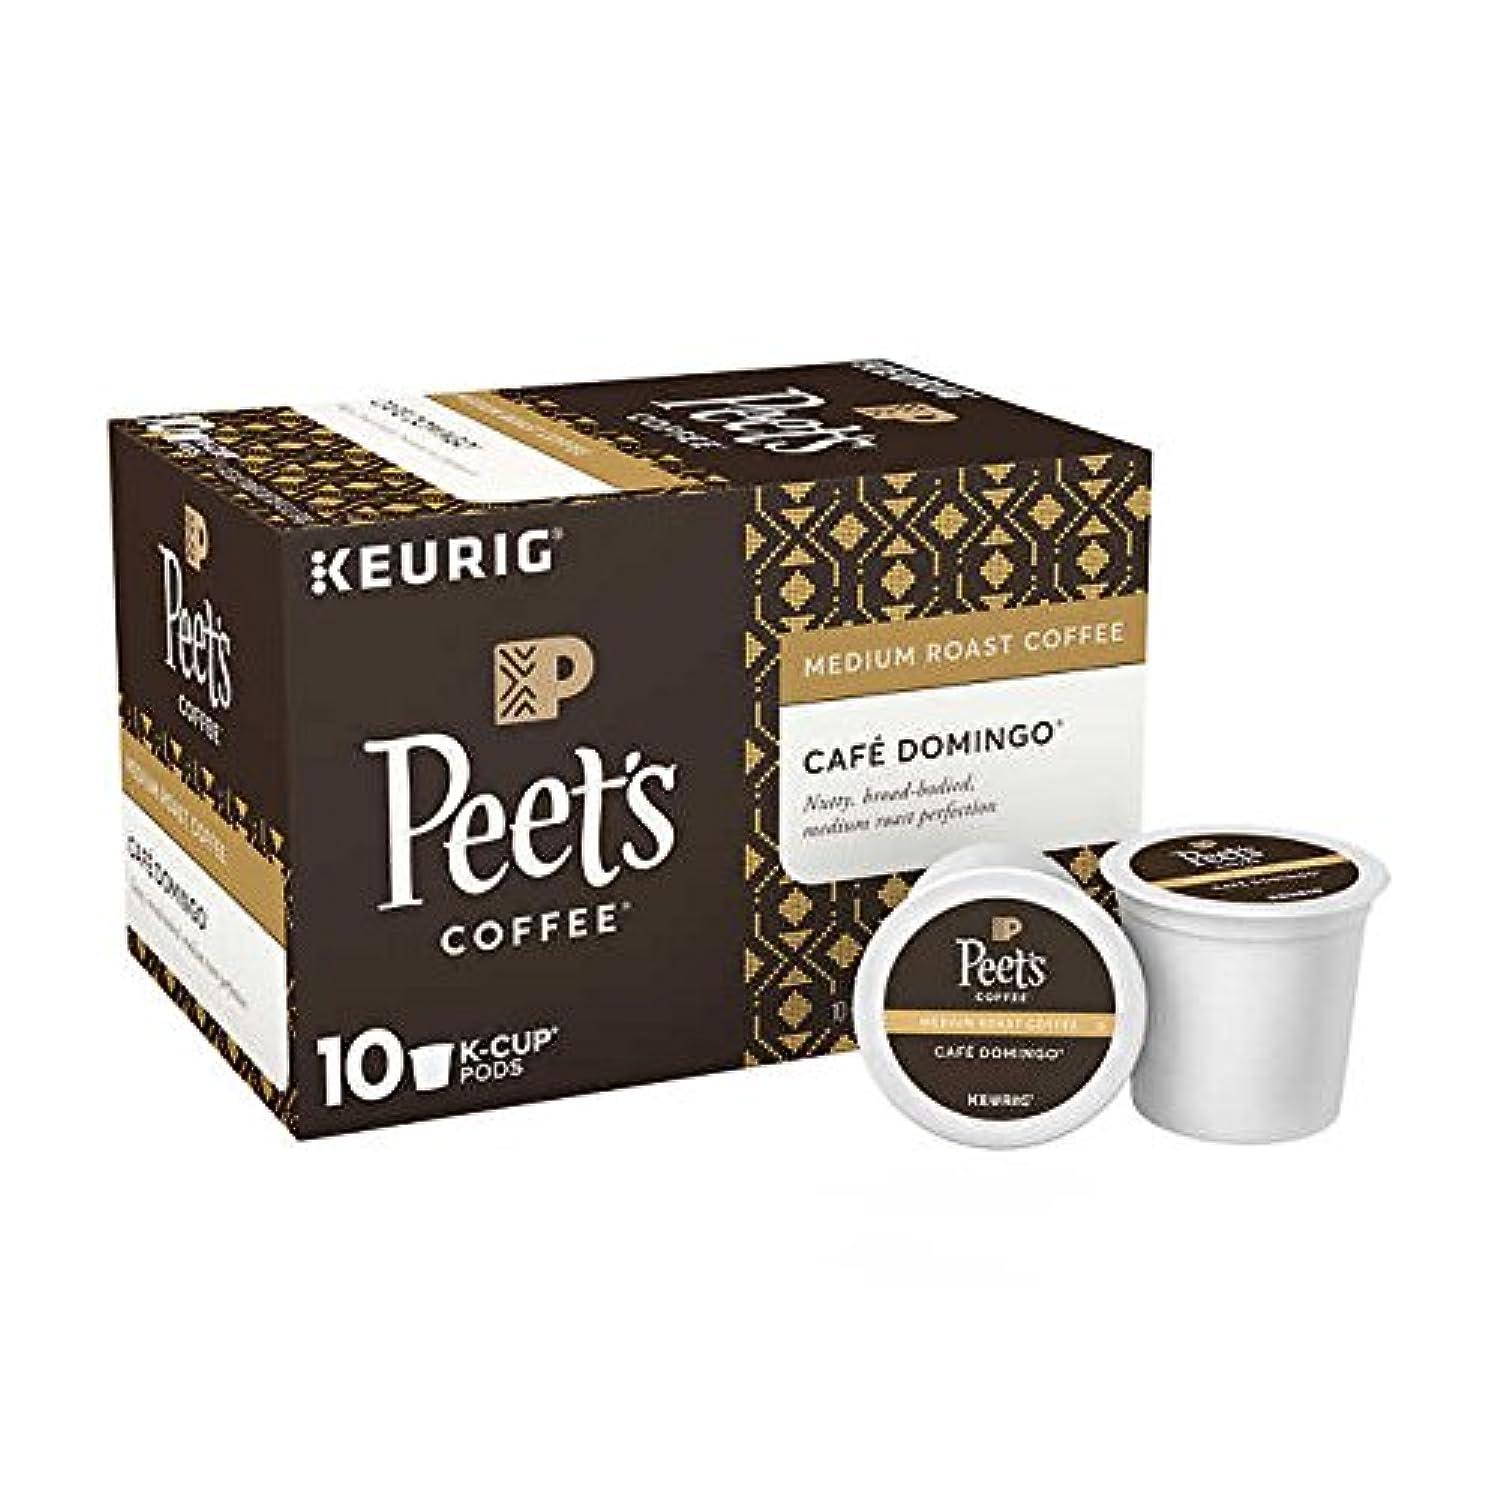 Peet's Coffee Café Domingo K-Cup ピートコーヒー ビッグバンブレンド Kカップポッド60杯分 [並行輸入品]